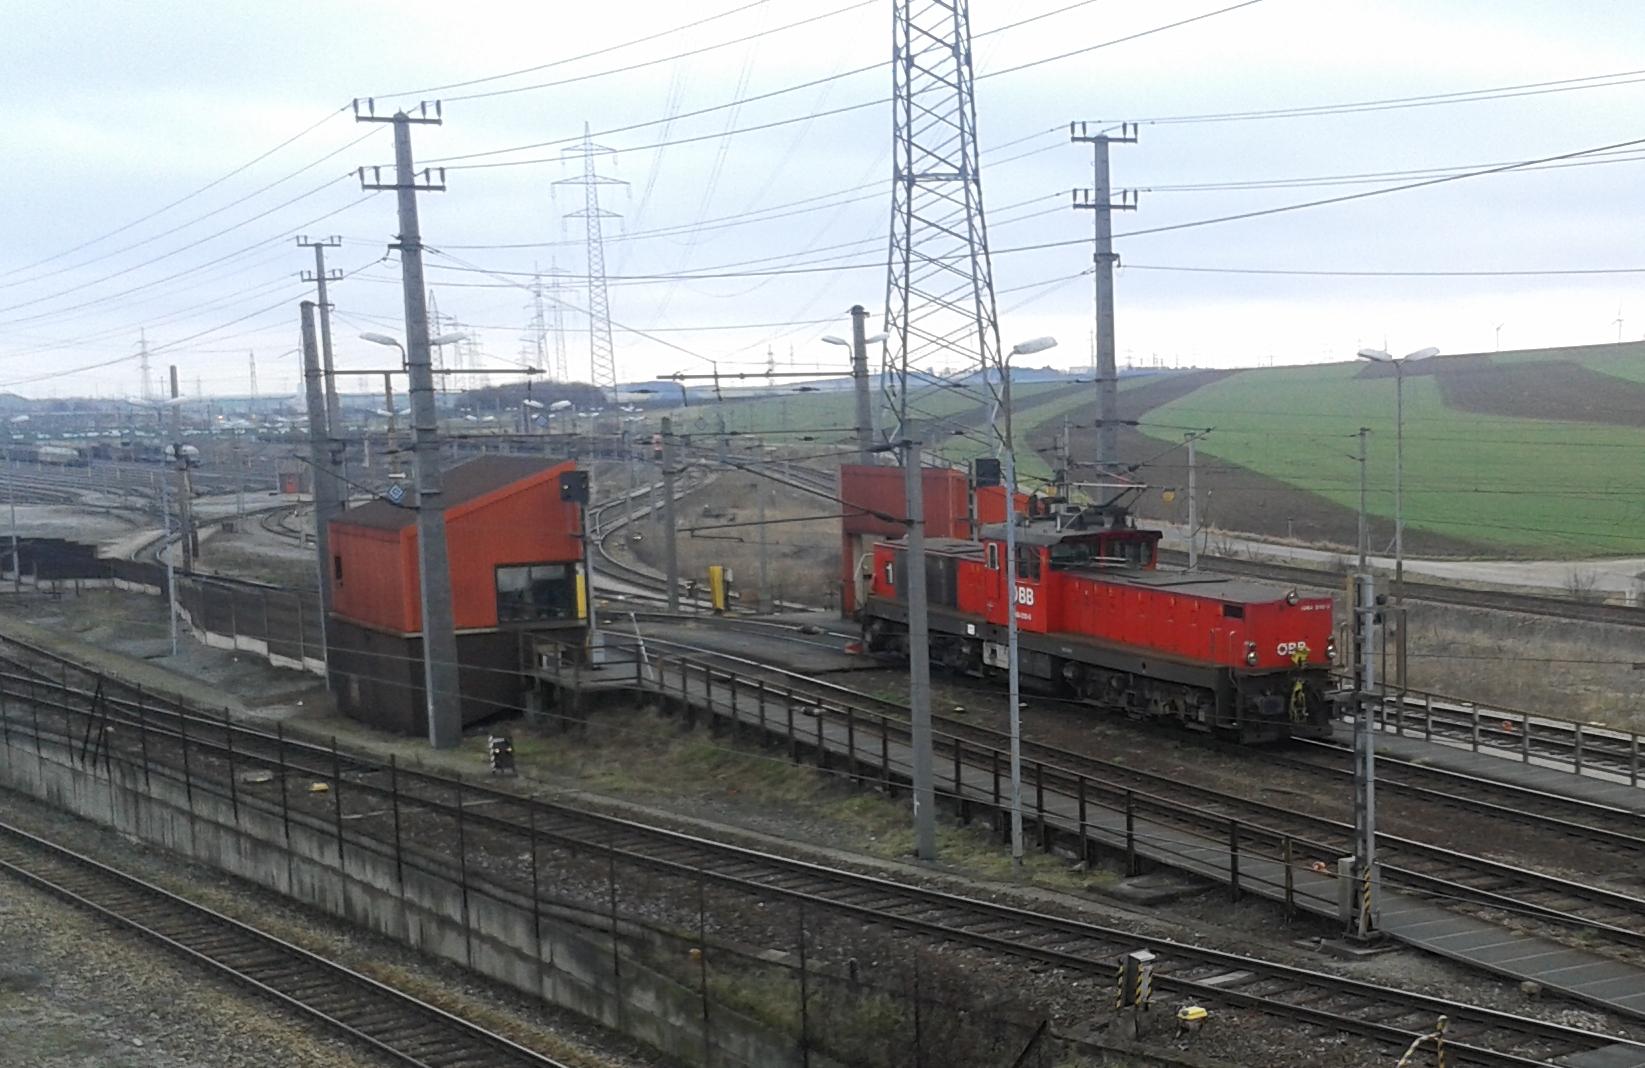 File:OEBB 1064-Wien Zvbf.jpg